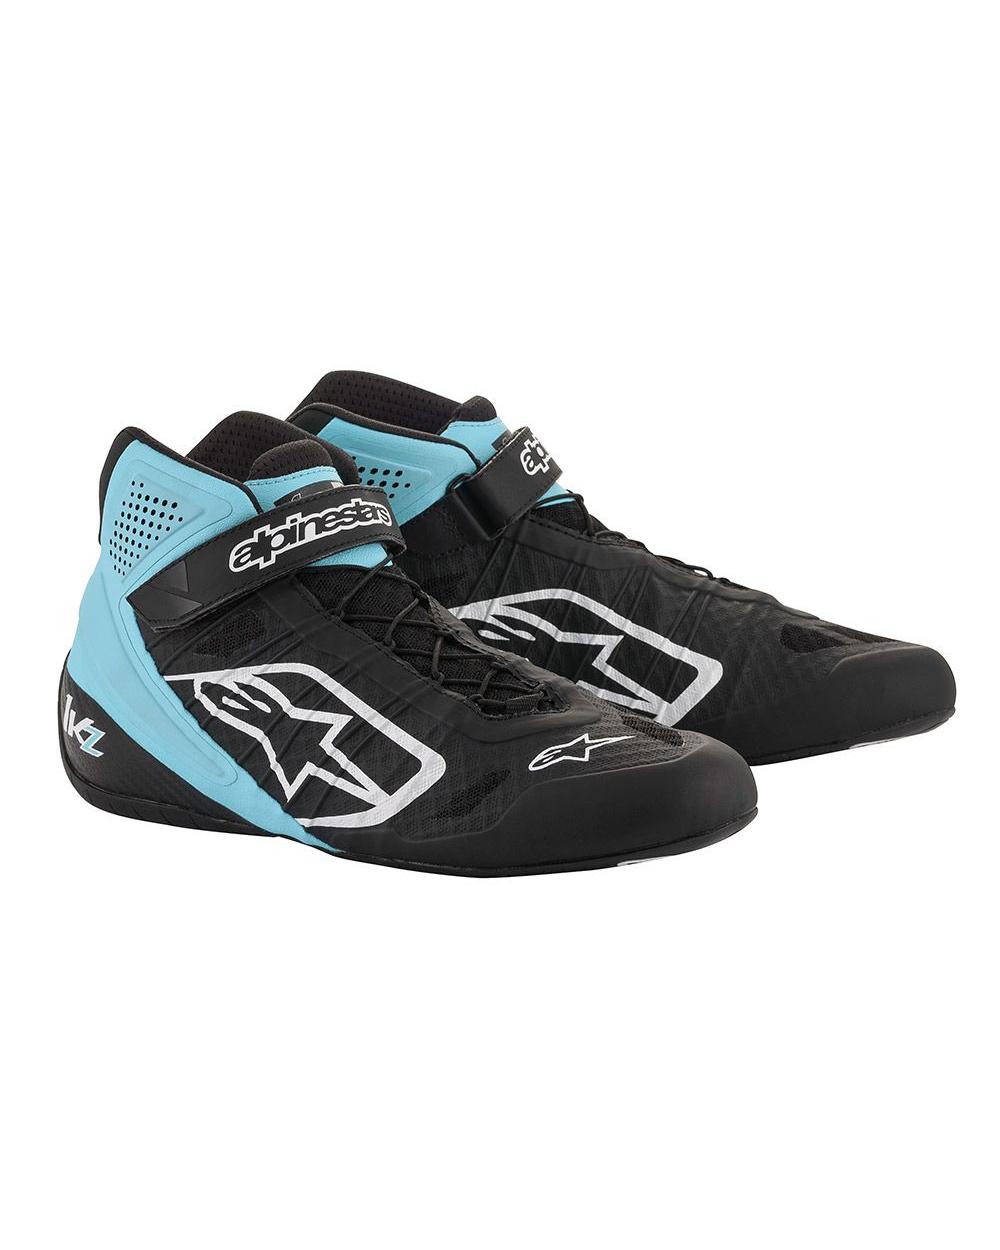 Alpinestars Tech-1 KZ Schoenen Zwart Turquoise